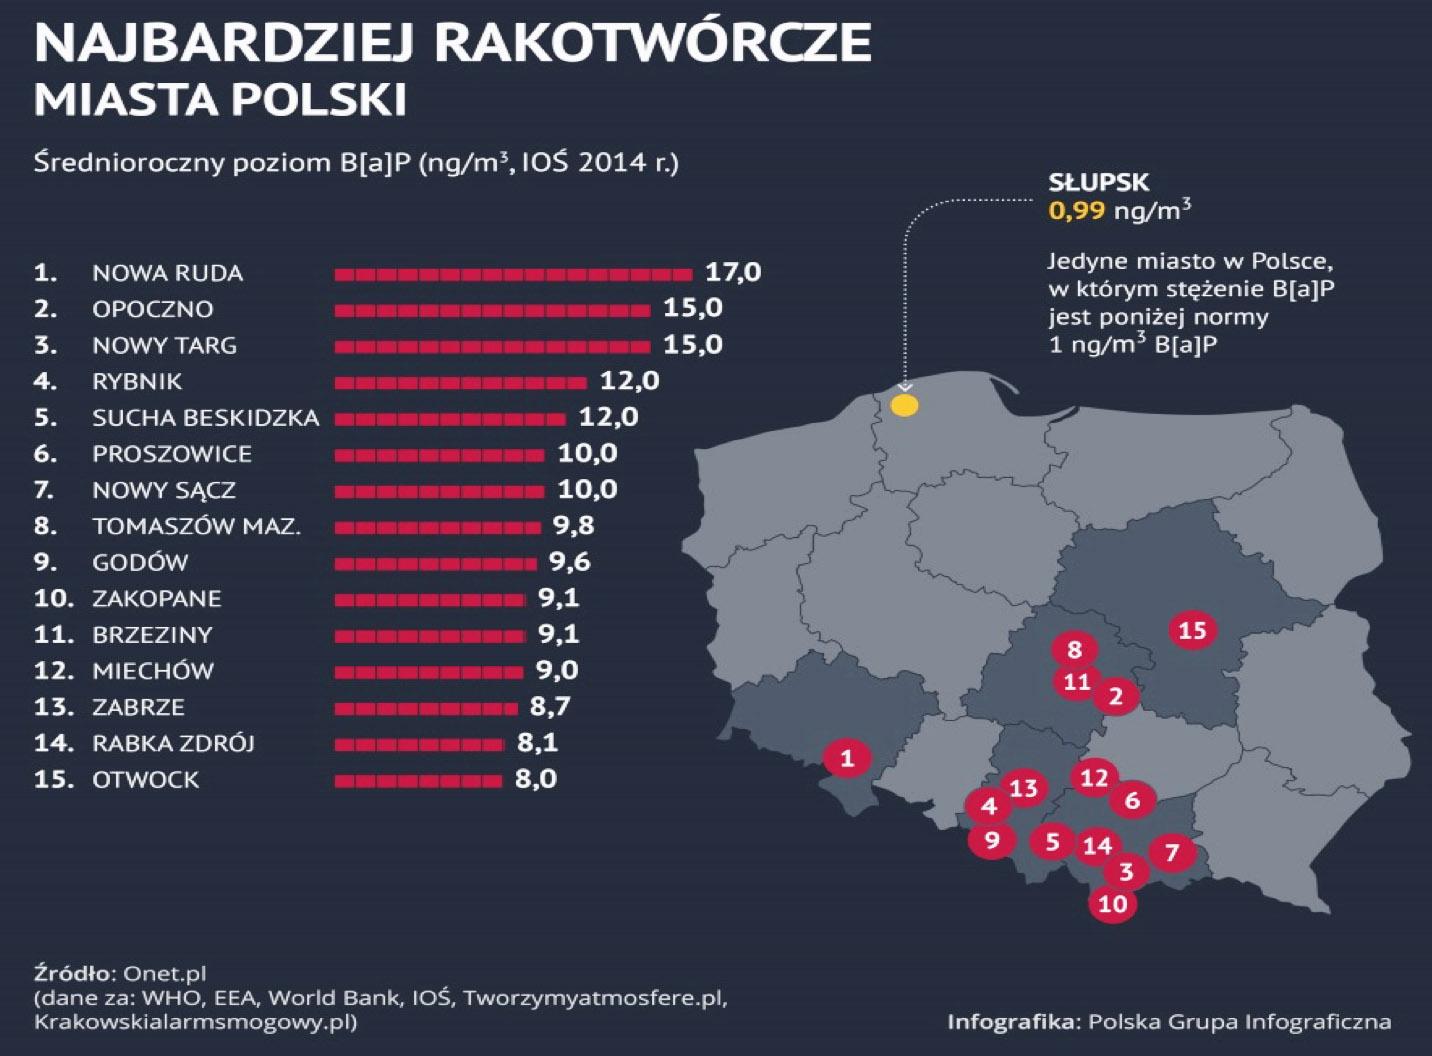 Najbardziej rakotwórcze miasta Polski - grafika